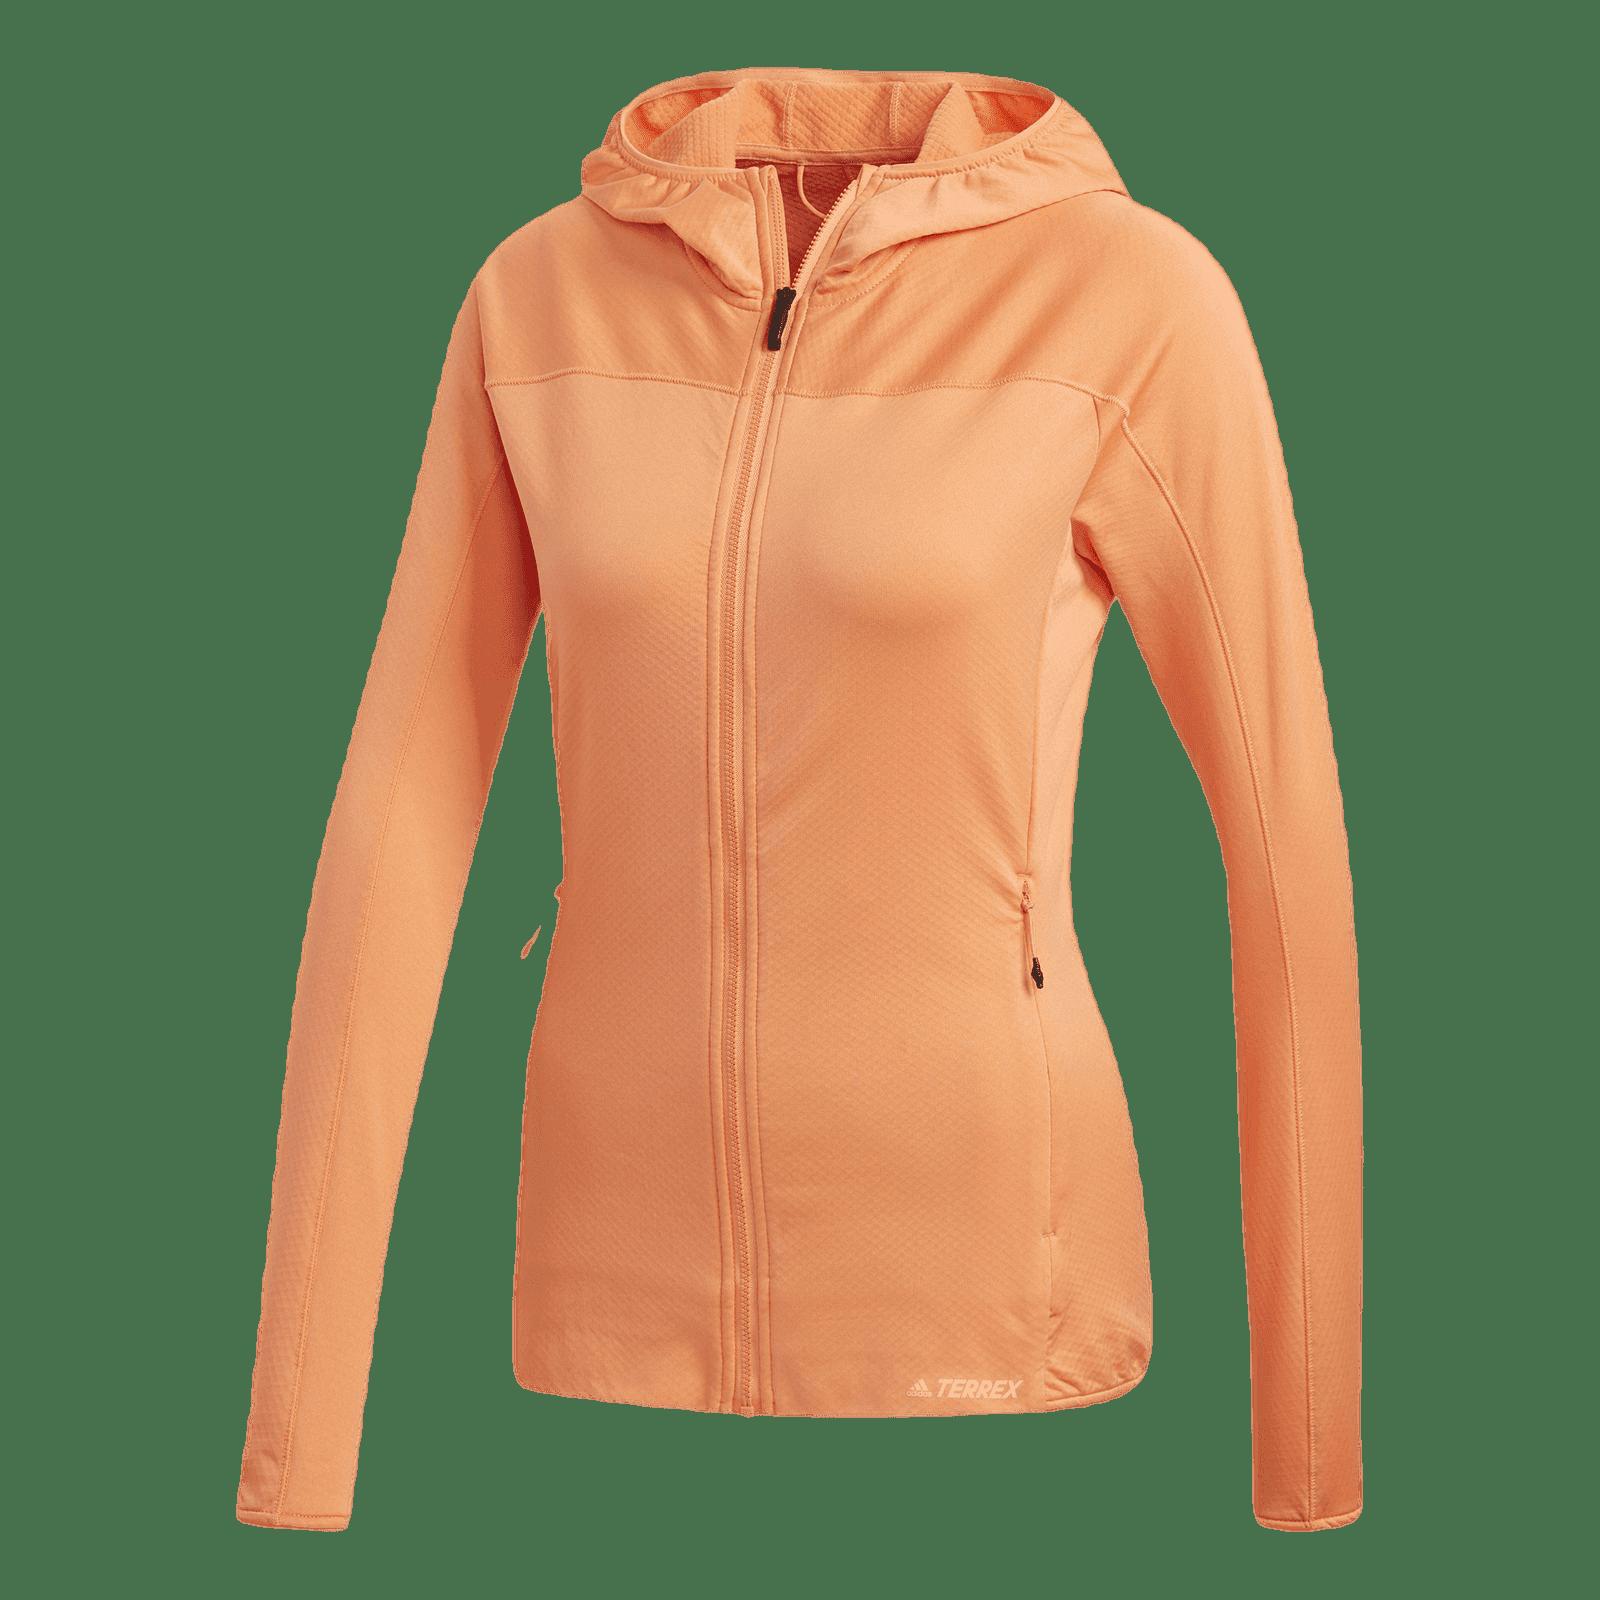 Terrex tracerocker hooded fleece